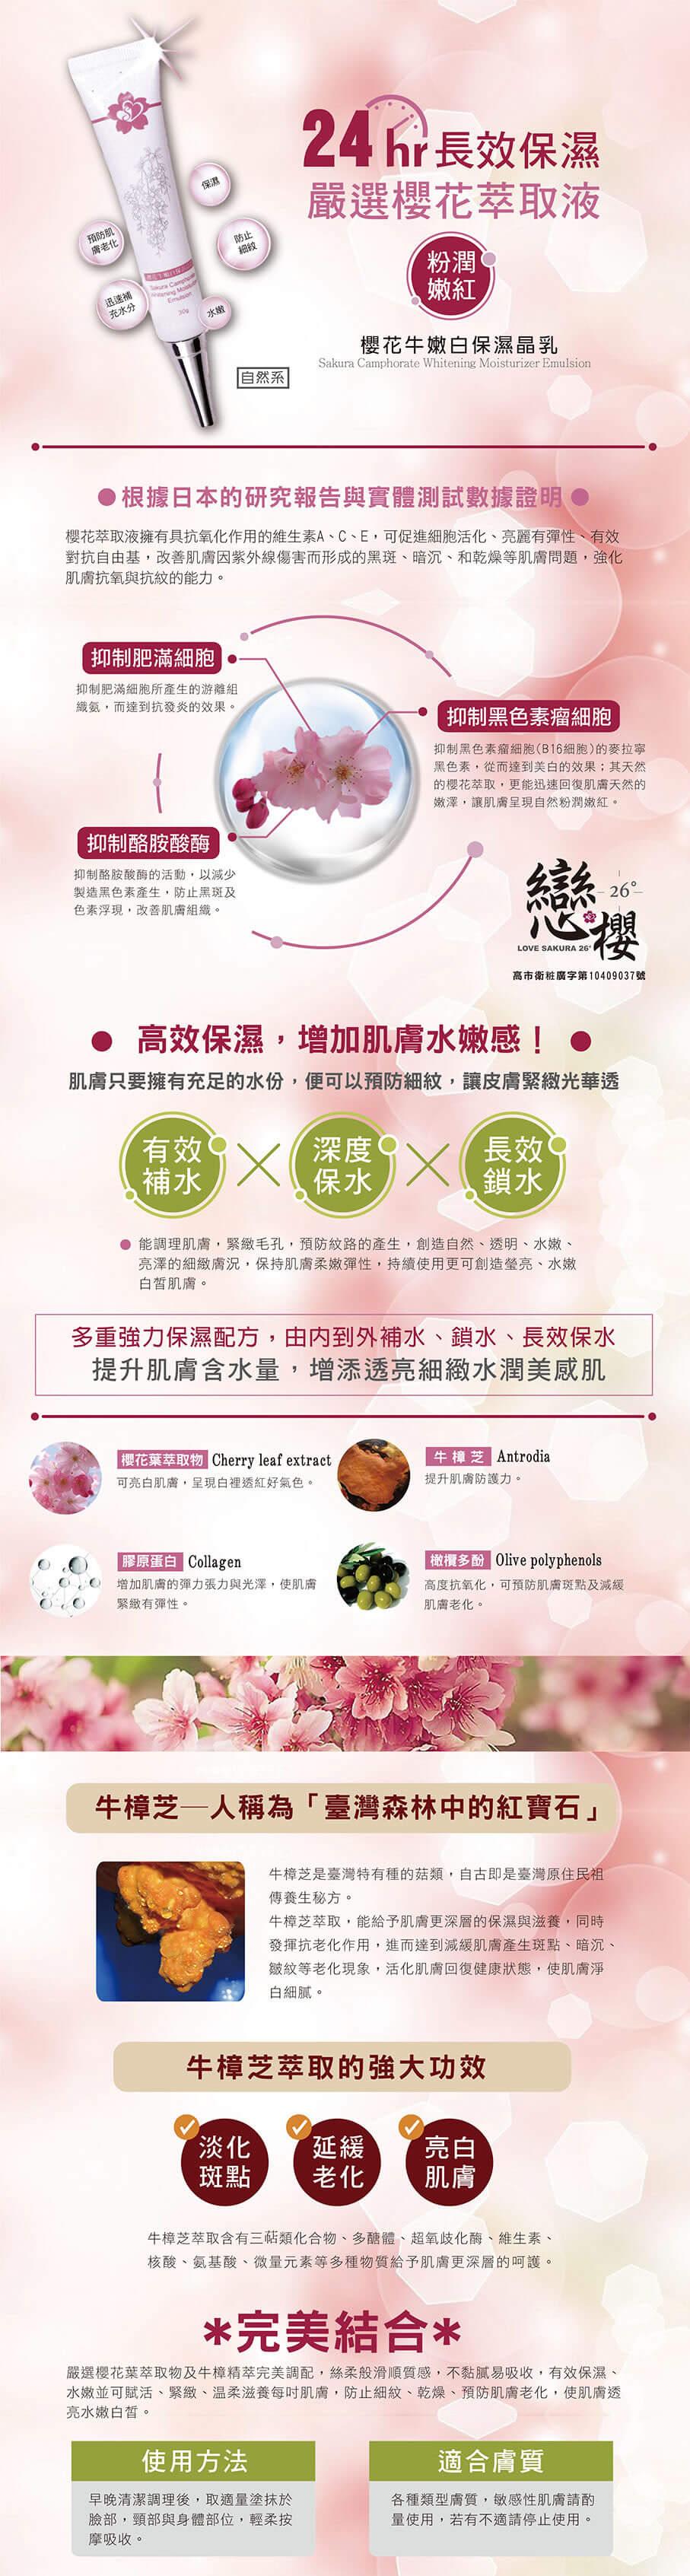 櫻花牛嫩白保濕晶乳-商品介紹